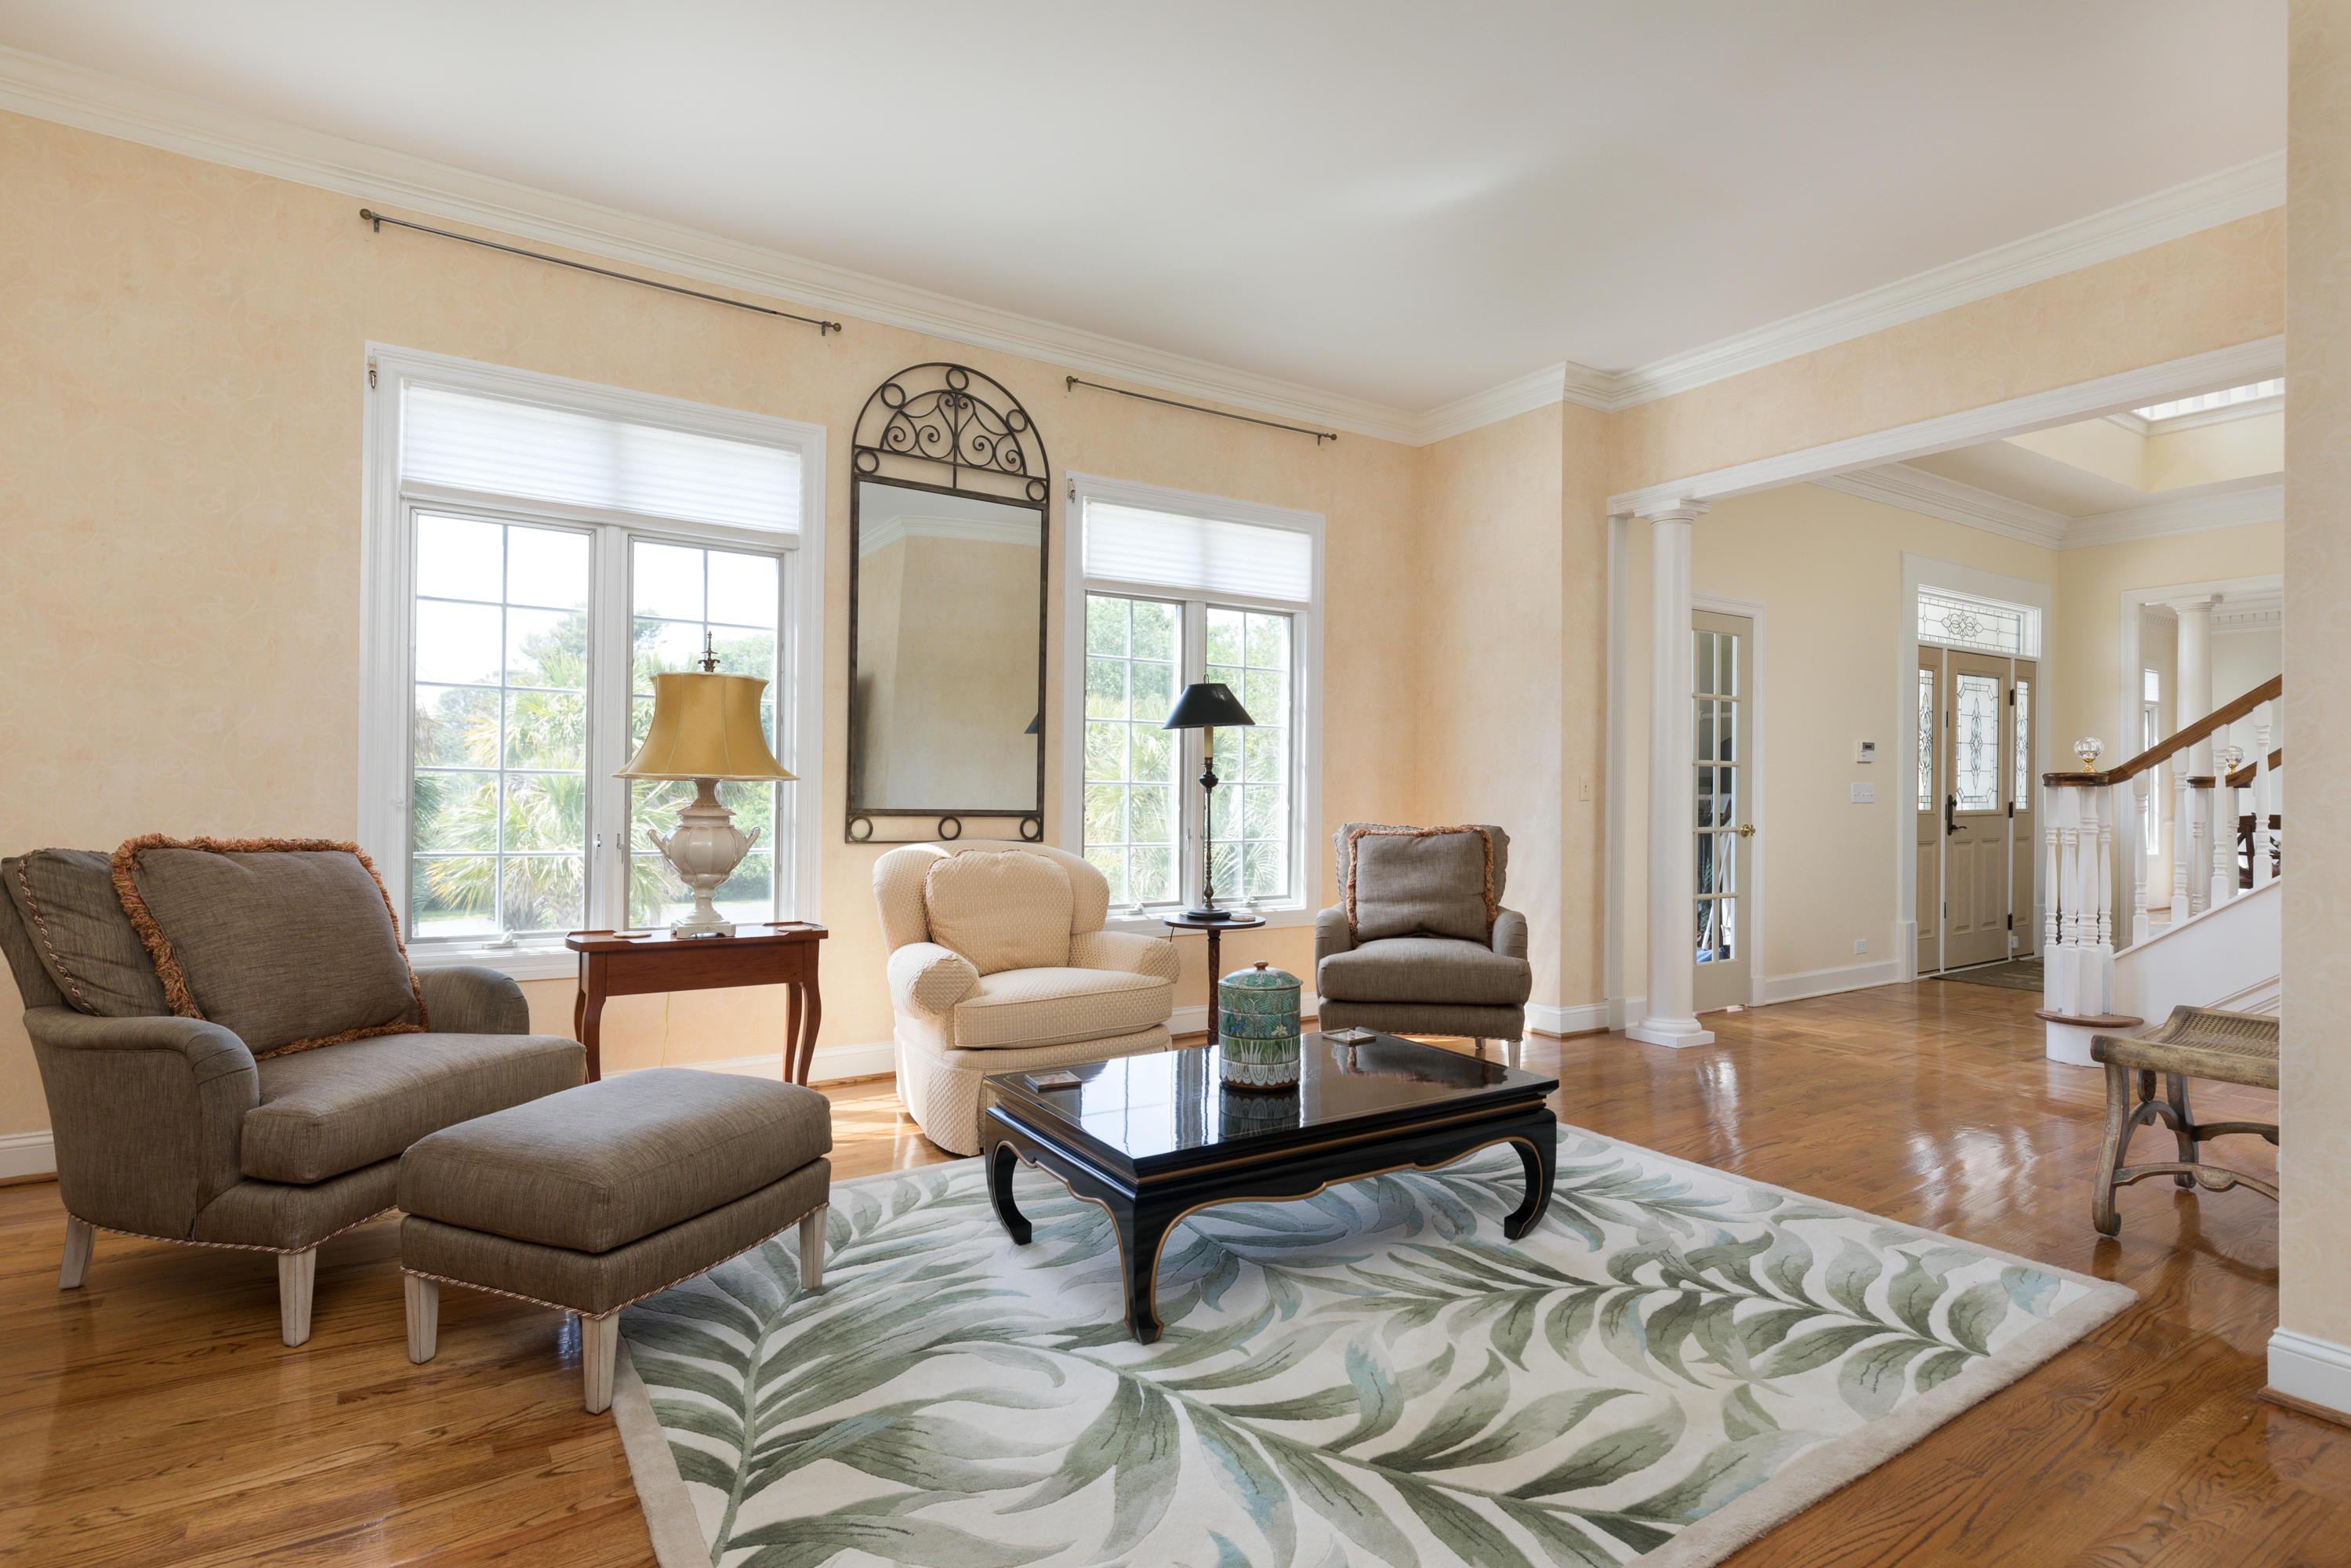 Seabrook Island Homes For Sale - 3640 Pompano, Seabrook Island, SC - 63